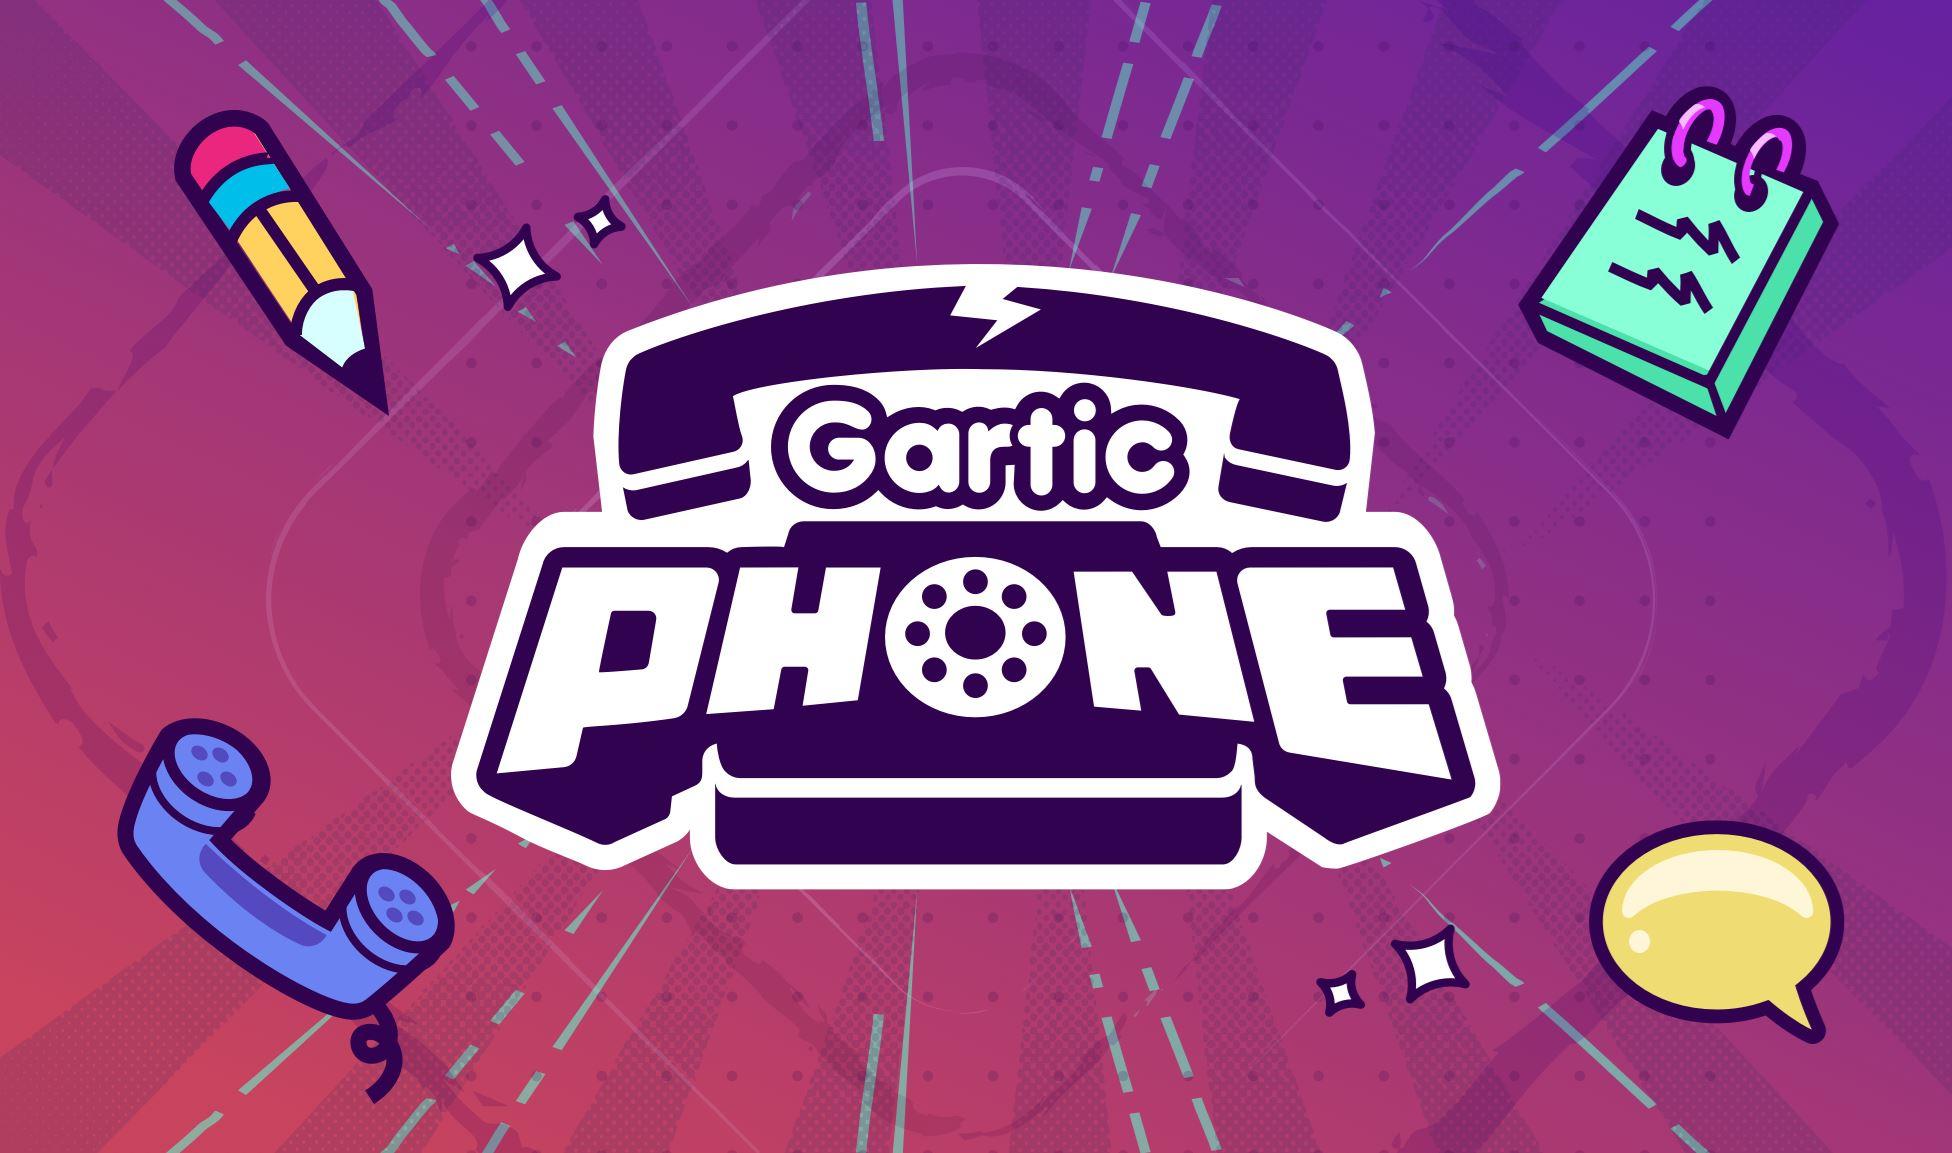 「多人游戏」玩到疯的游戏:gartic phone!笑到流泪😂